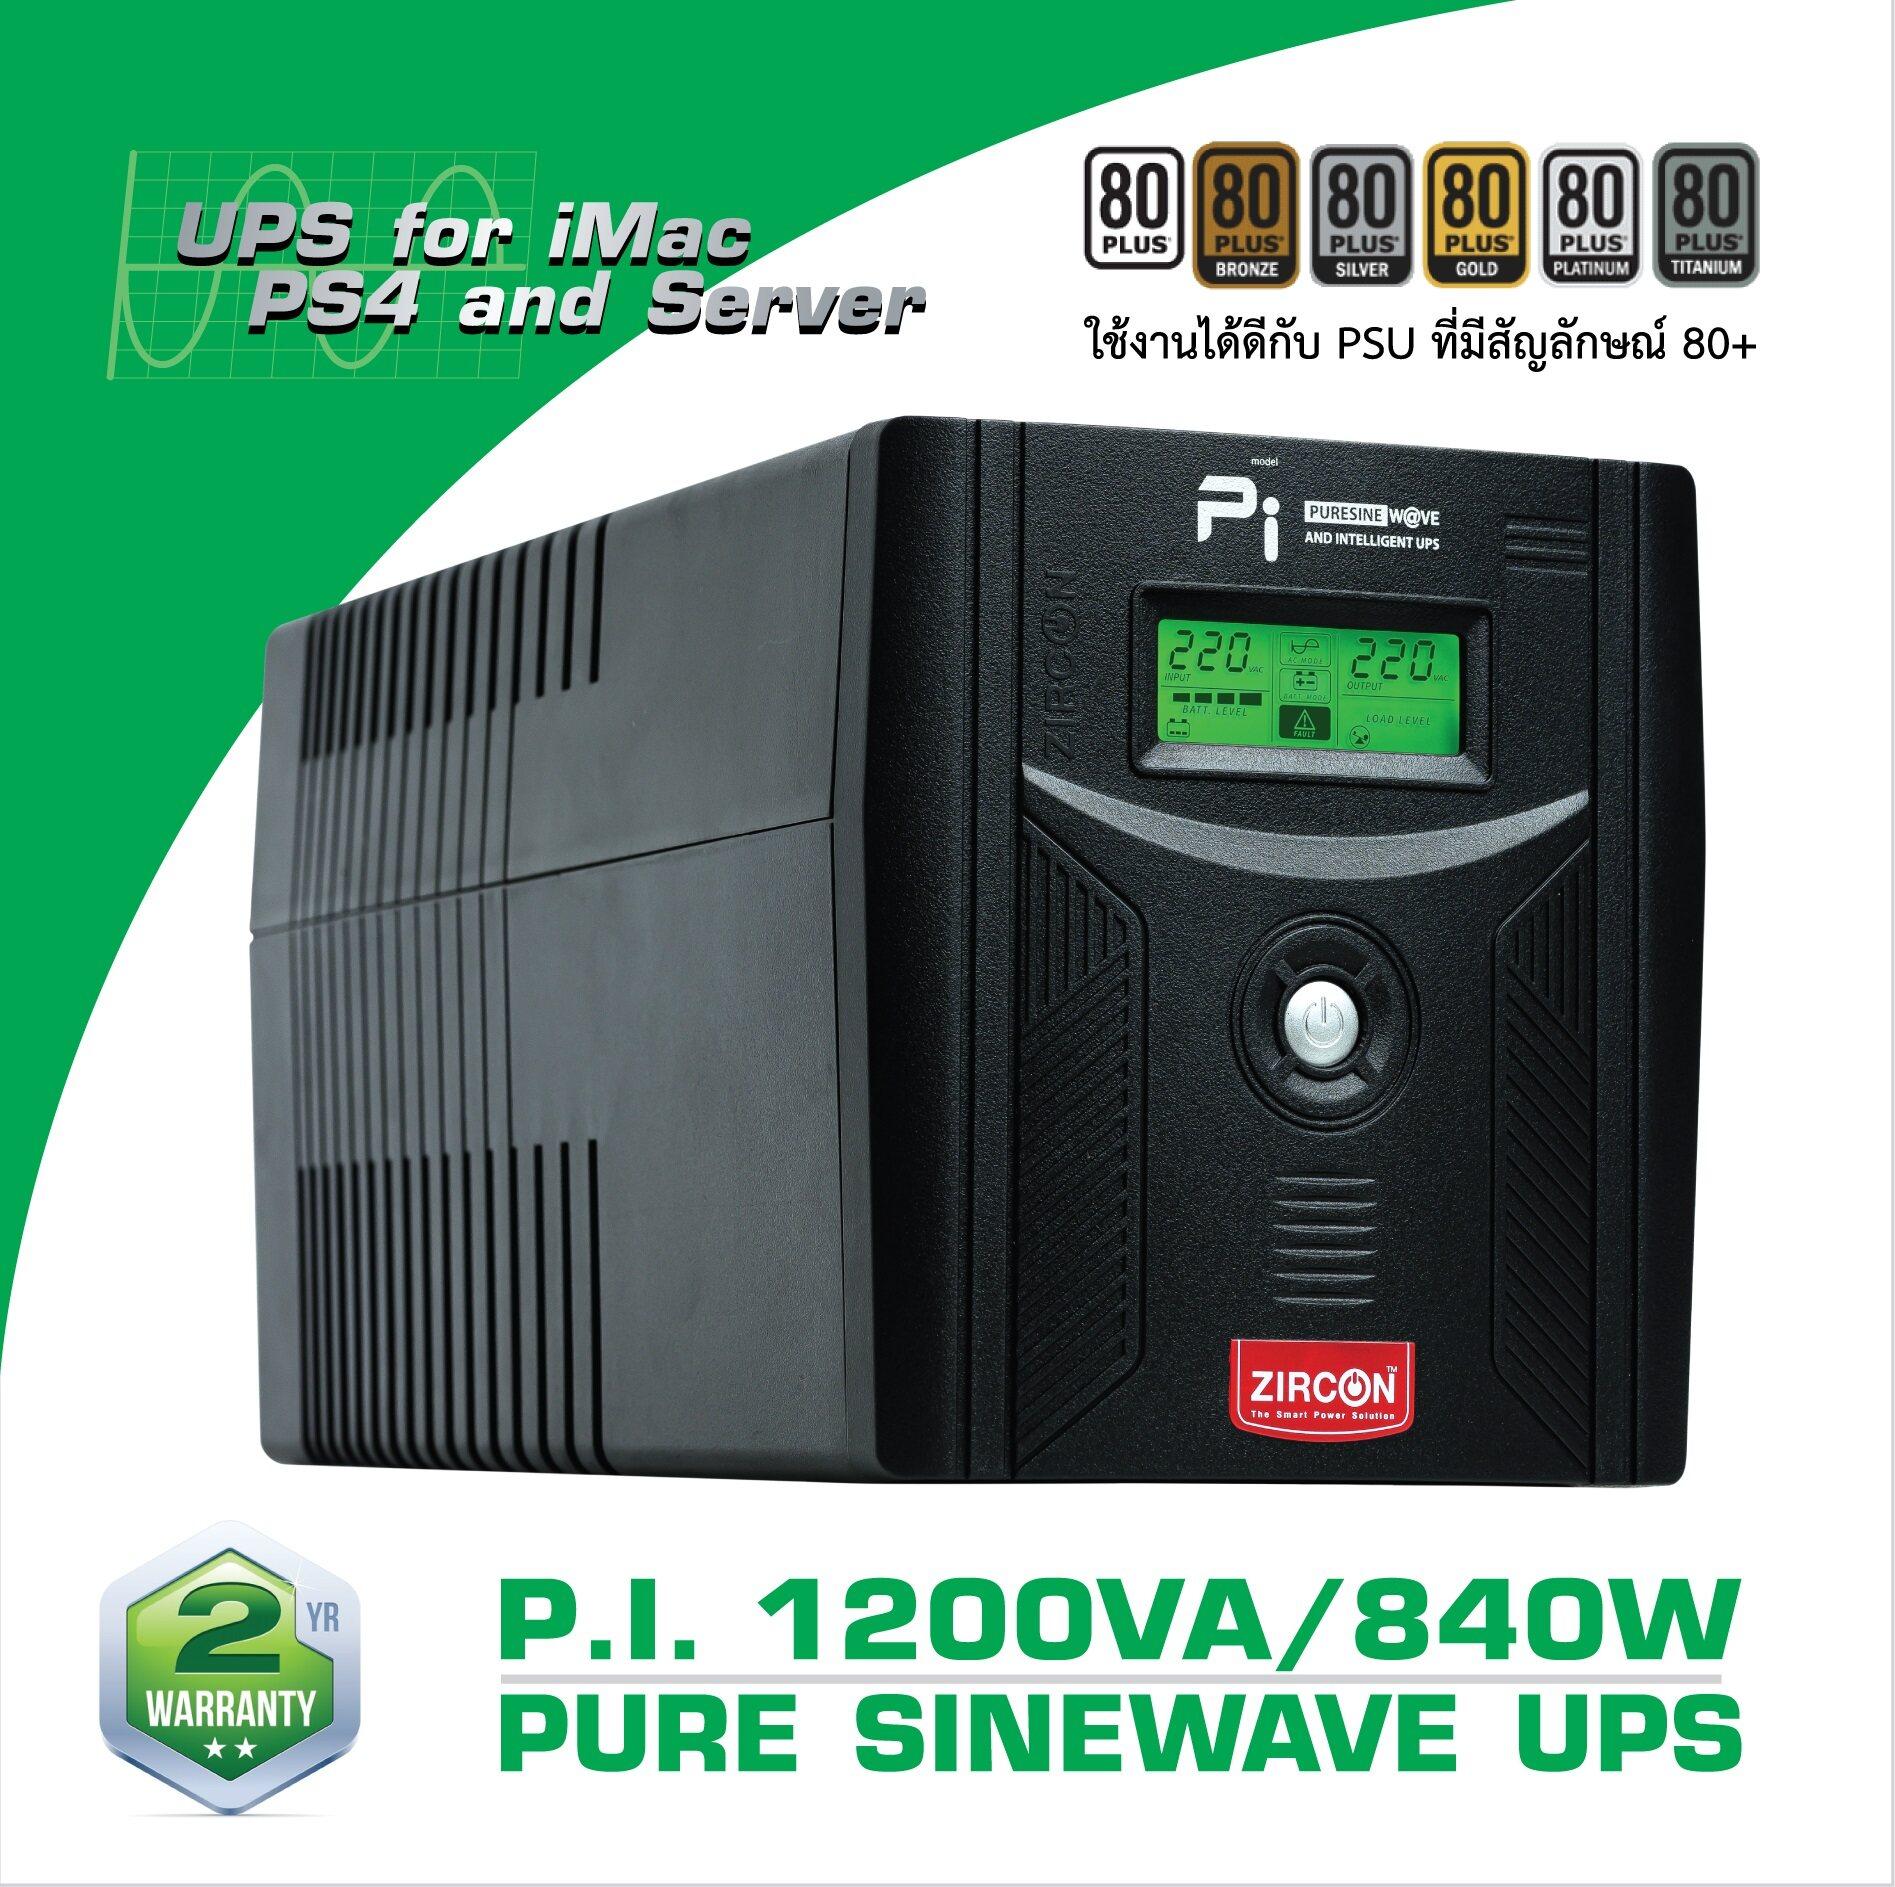 Pi-1200va/840w Ups-By-Zircon วัตต์สูง จ่ายไฟเพียวซายน์100% ใช้ได้กับคอมทุกประเภท/คอมประกอบ/psu80+/imac/ps4 ประกัน 2 ปี.